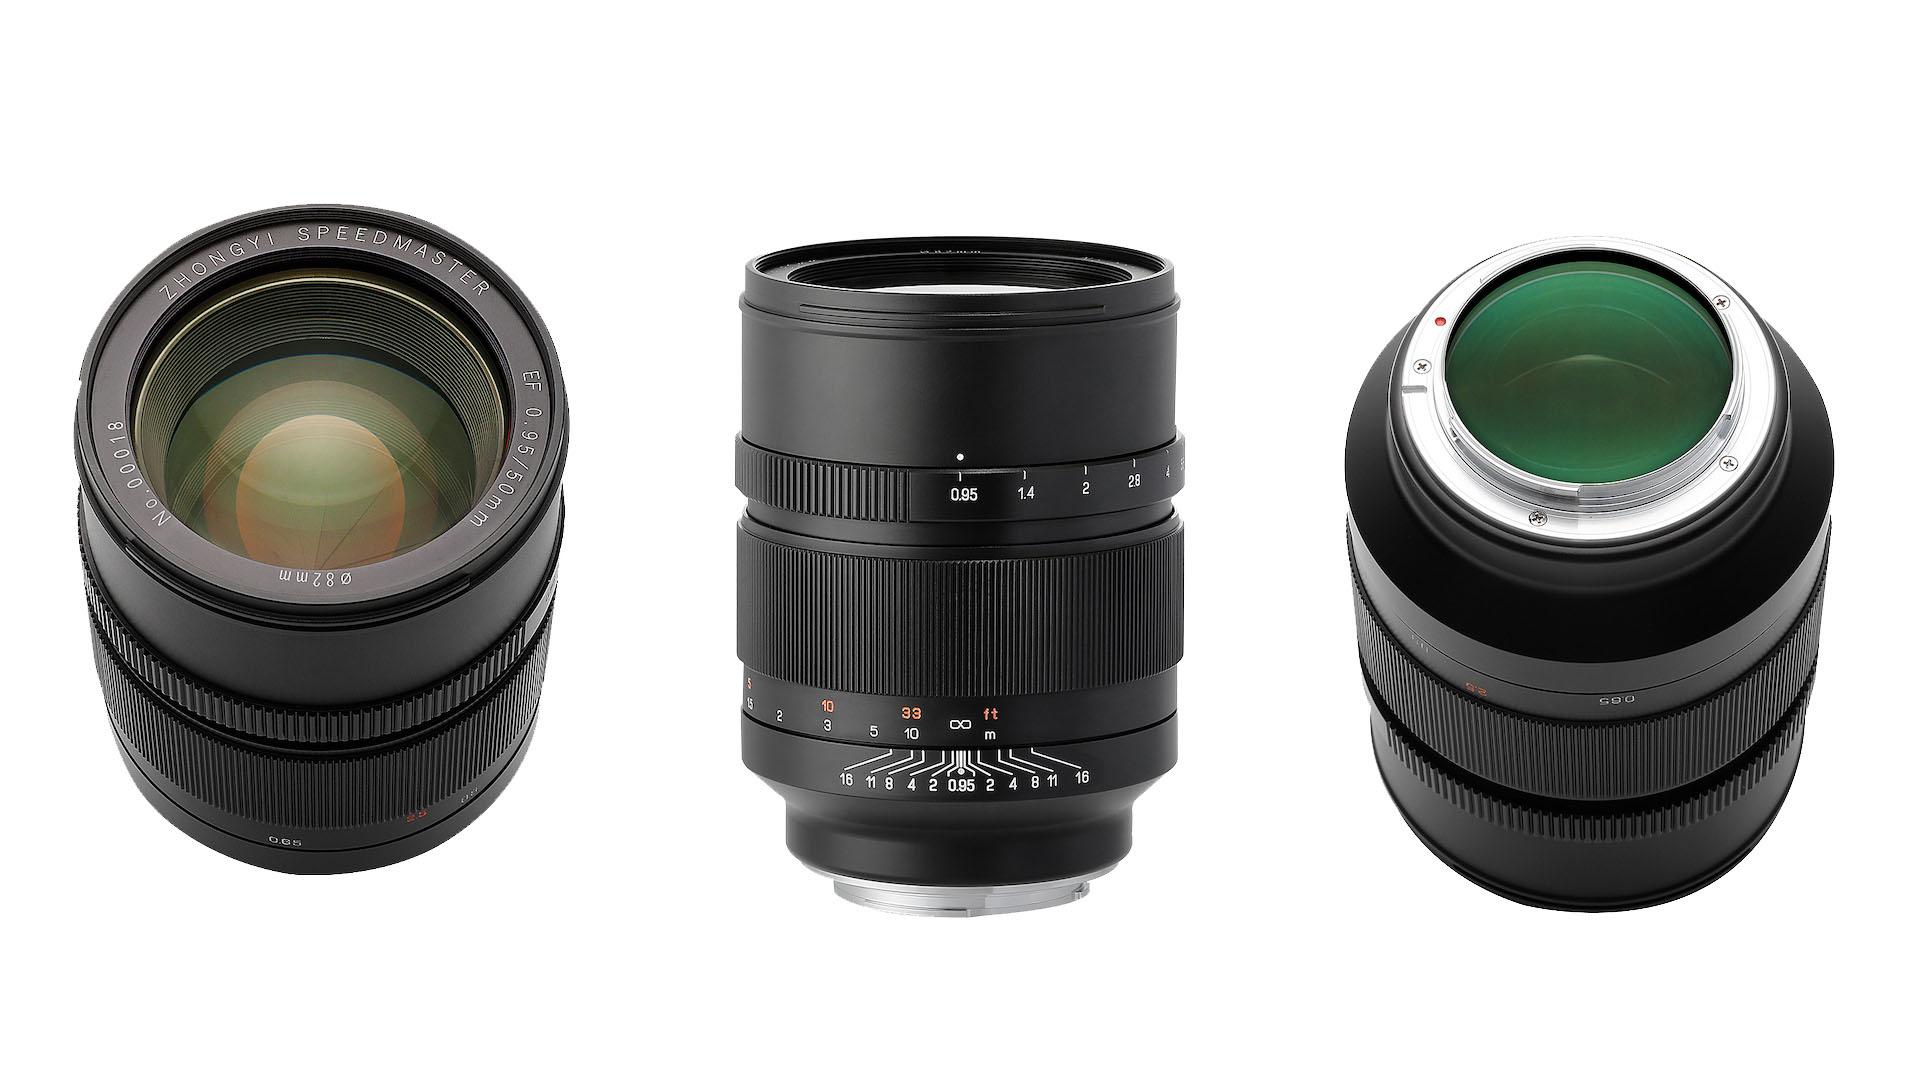 Mitakon Speedmaster 50mm f/0.95 Lens